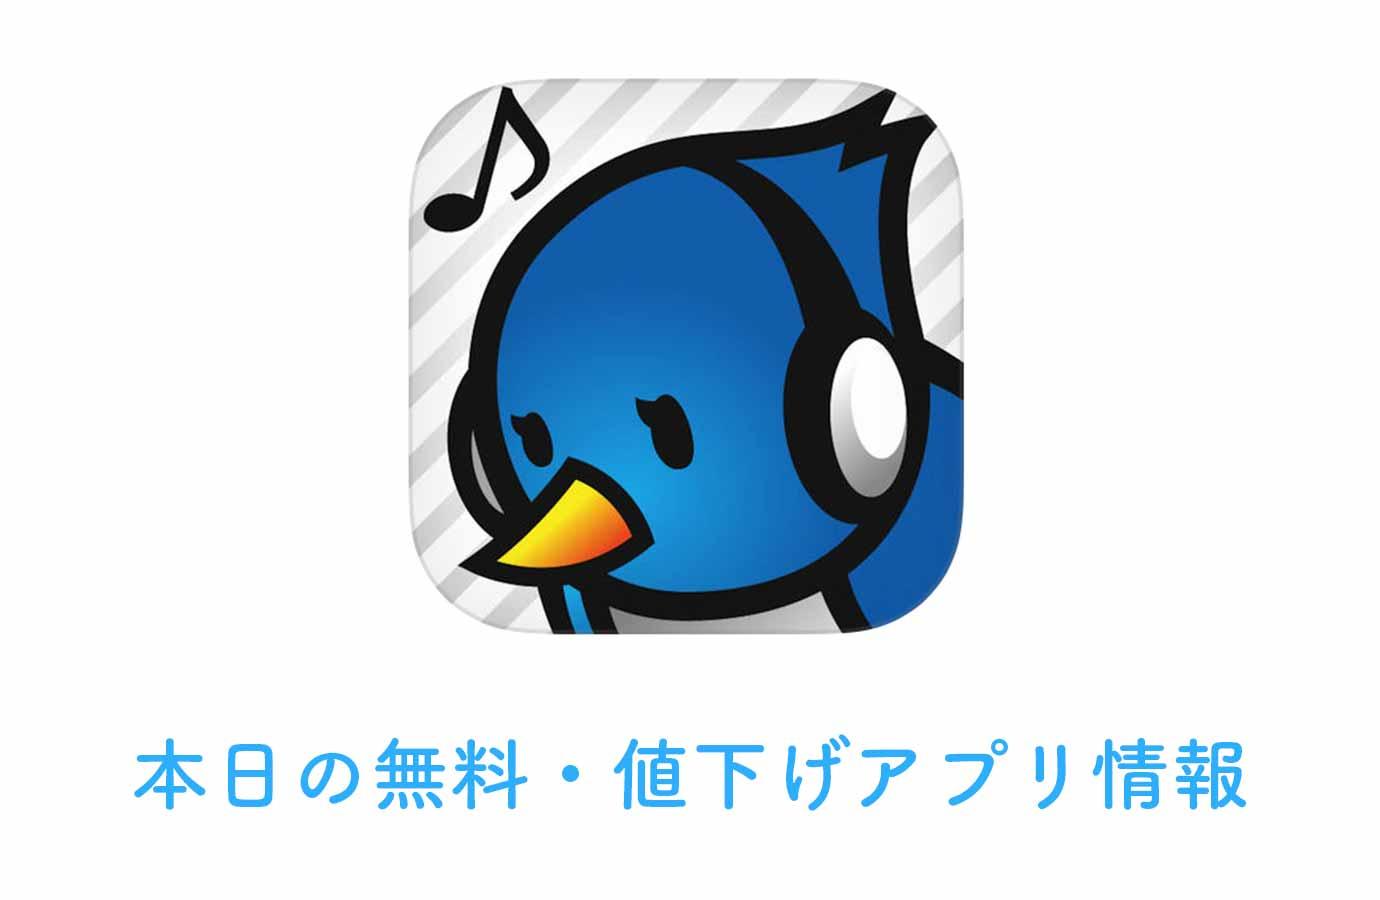 【120円→無料】今聴いている音楽の情報をSNSに投稿できる「TwitSong」など【3/4】本日の無料・値下げアプリ情報